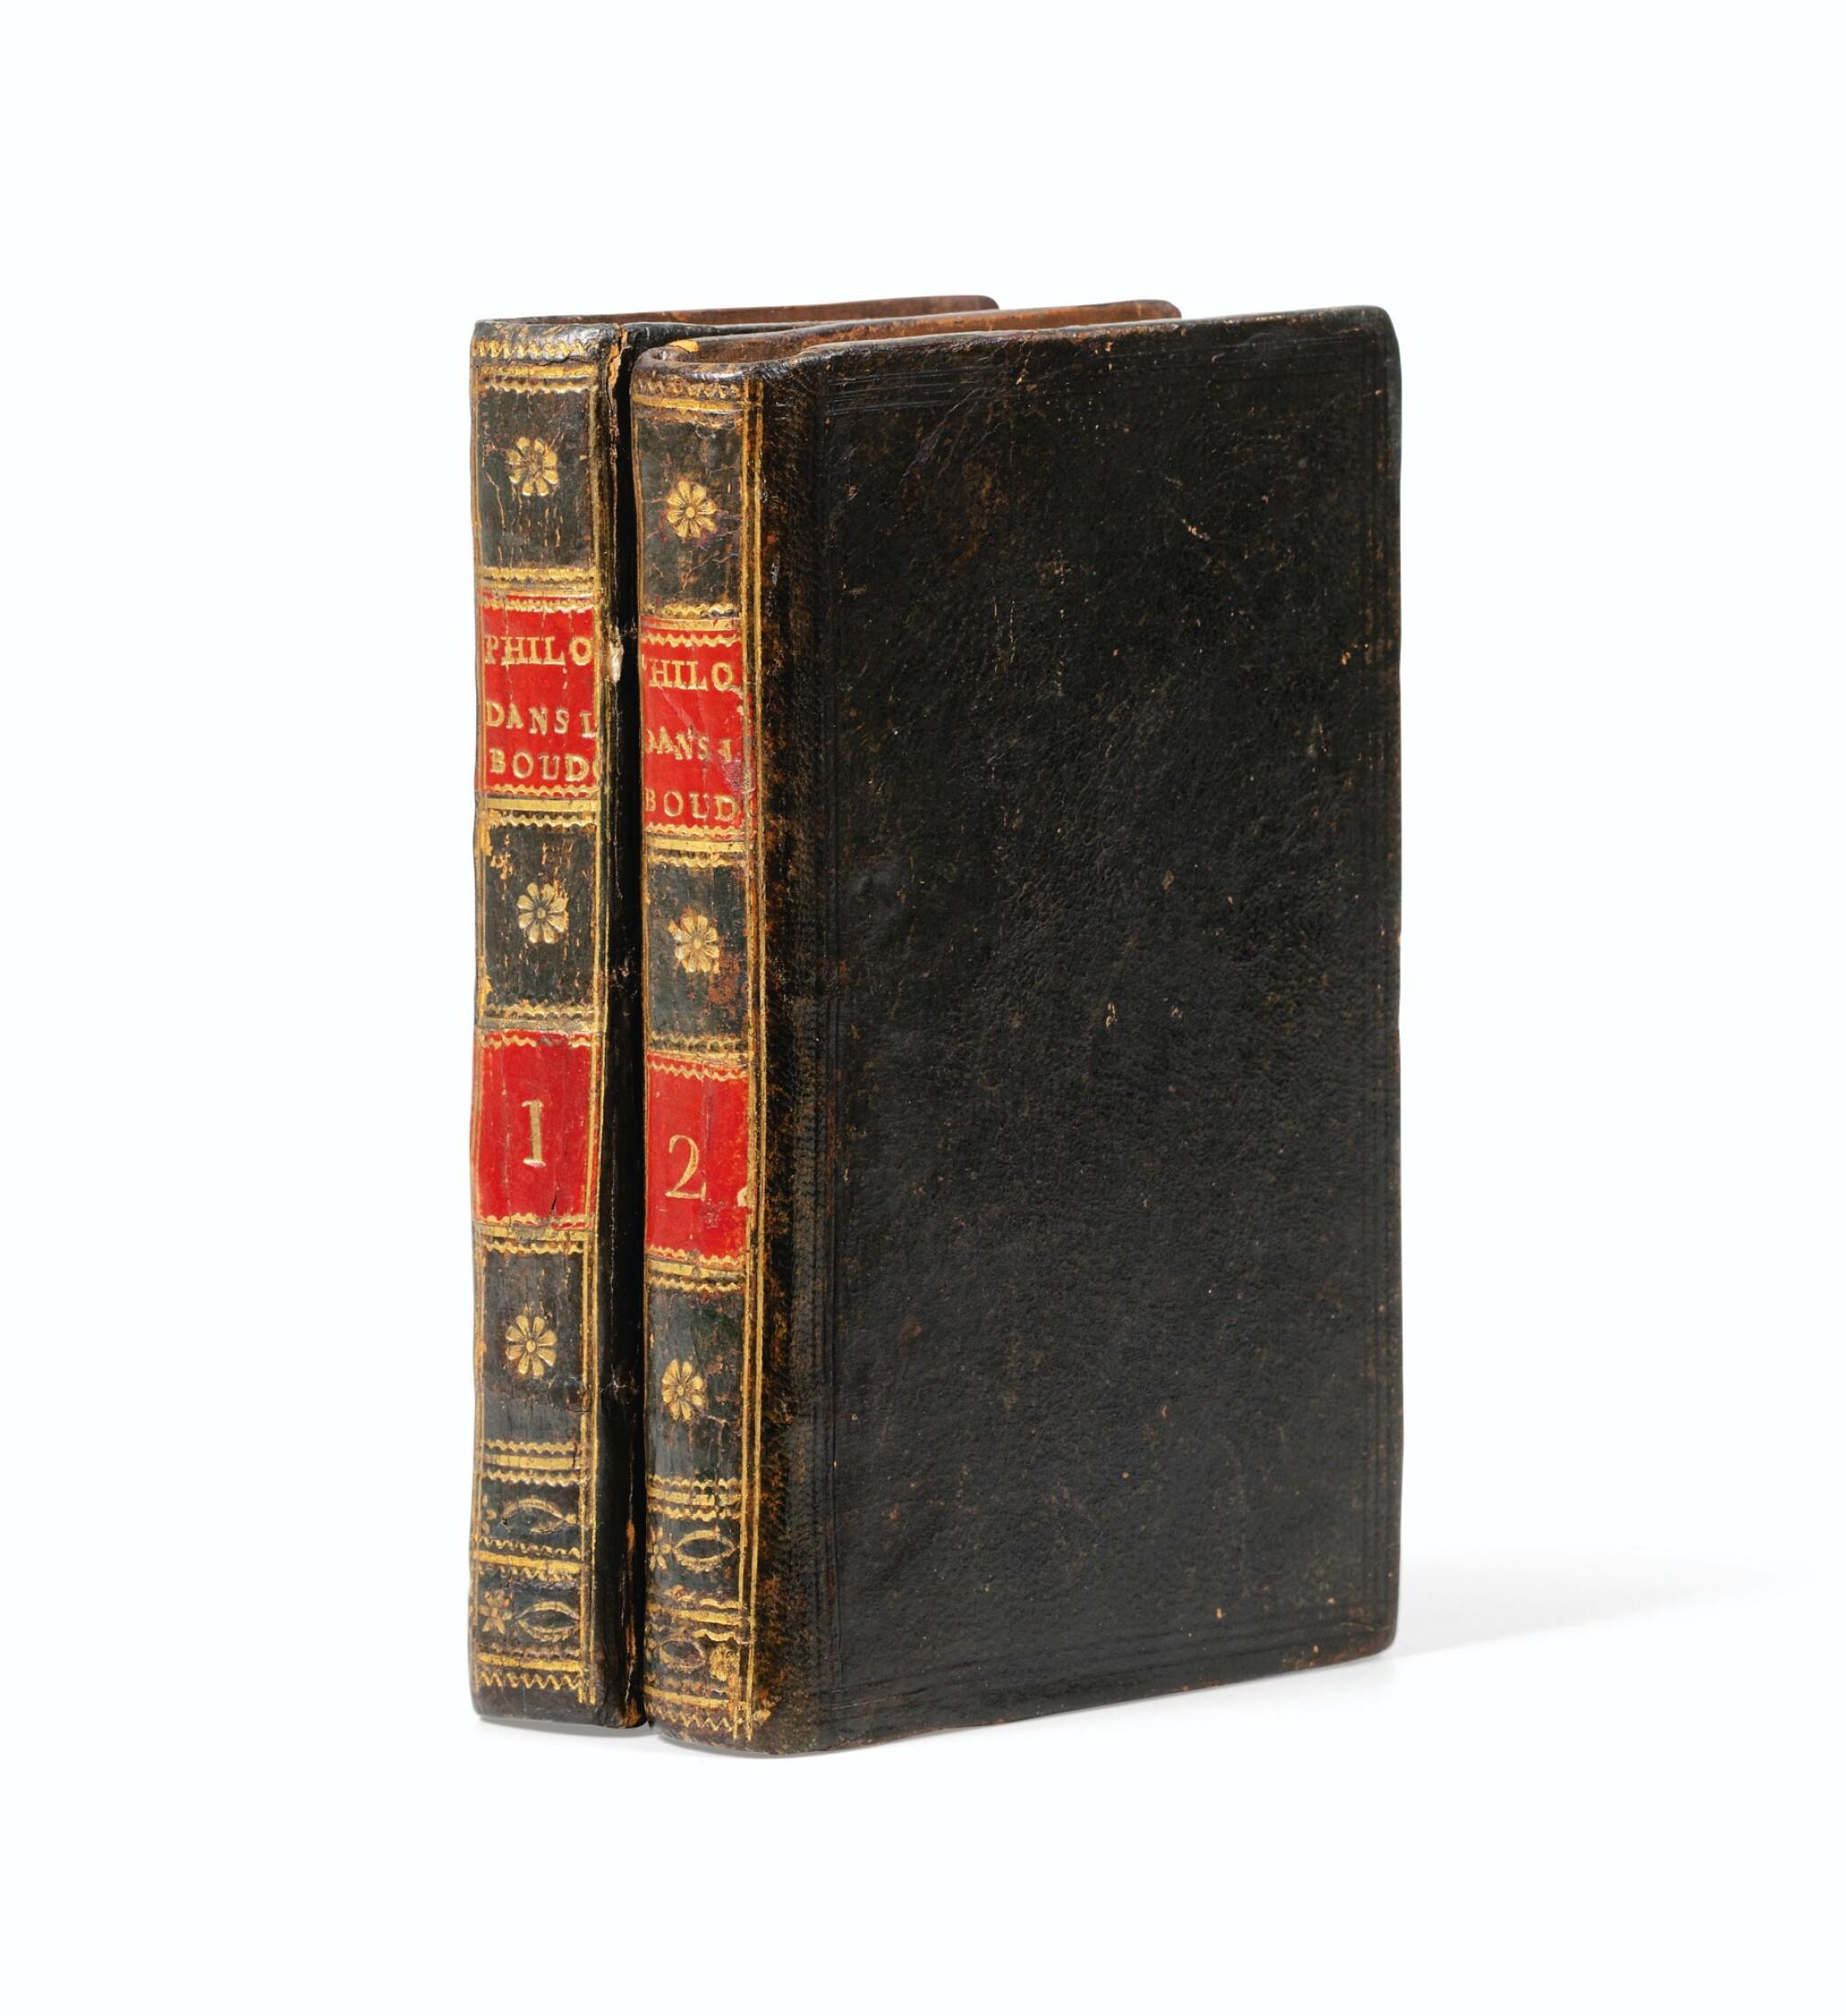 View full screen - View 1 of Lot 39. La philosophie dans le boudoir. [Paris], 1795. 2 vol. in-12. Reliure de l'époque. Rare édition orignale..